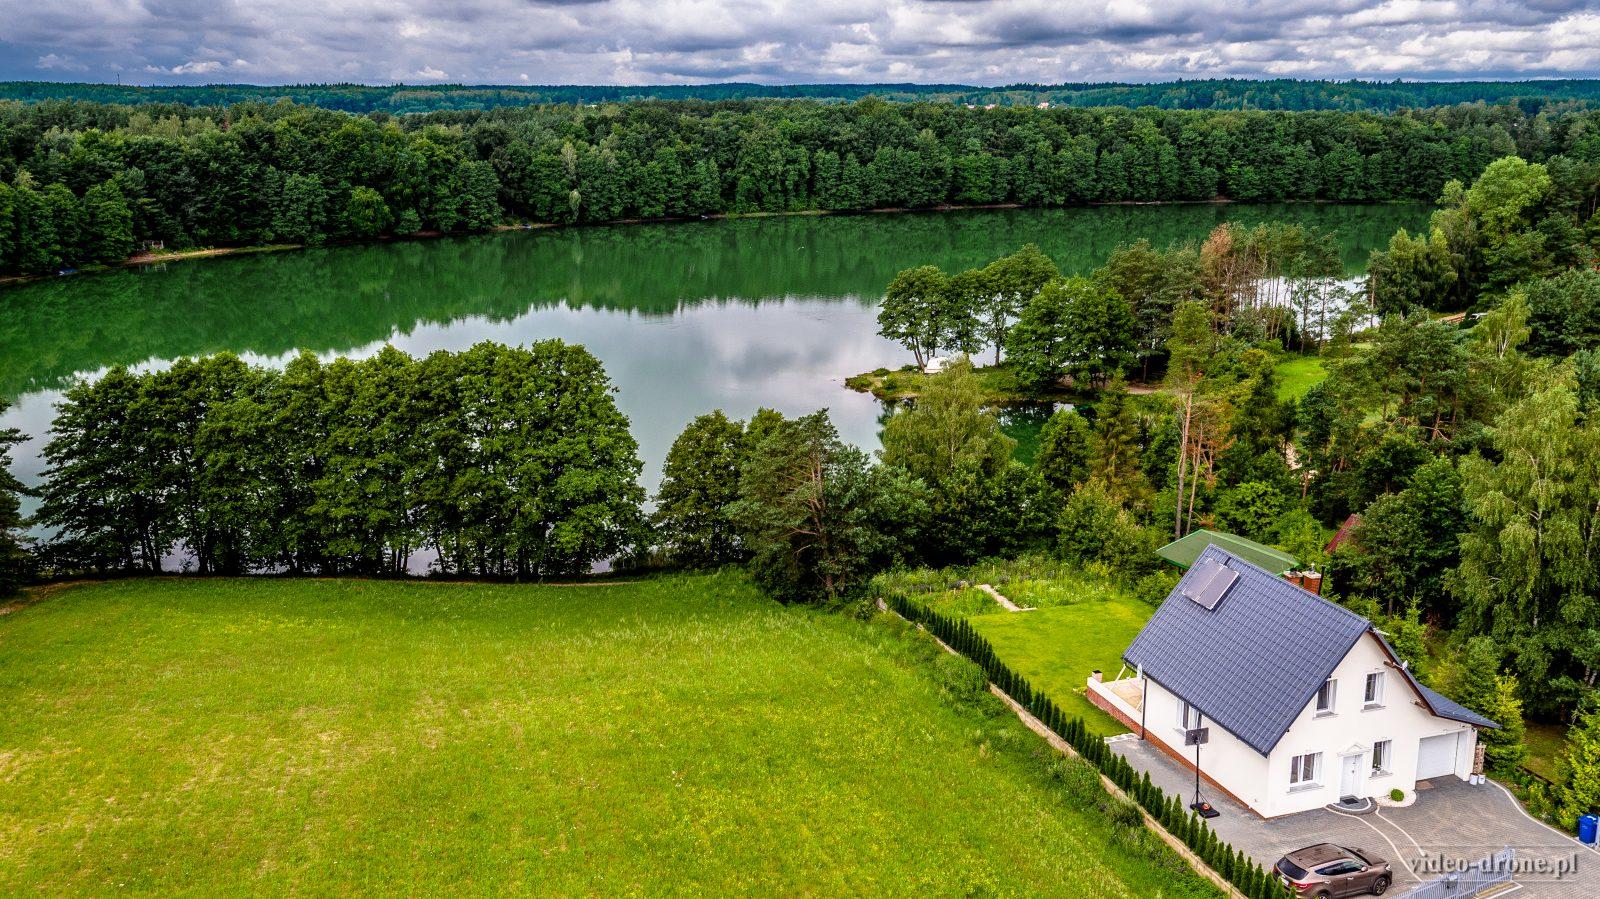 zdjęcie z drona, film z drona, dron nieruchomość, zdjęcie z drona nieruchomości, filmowanie dronem